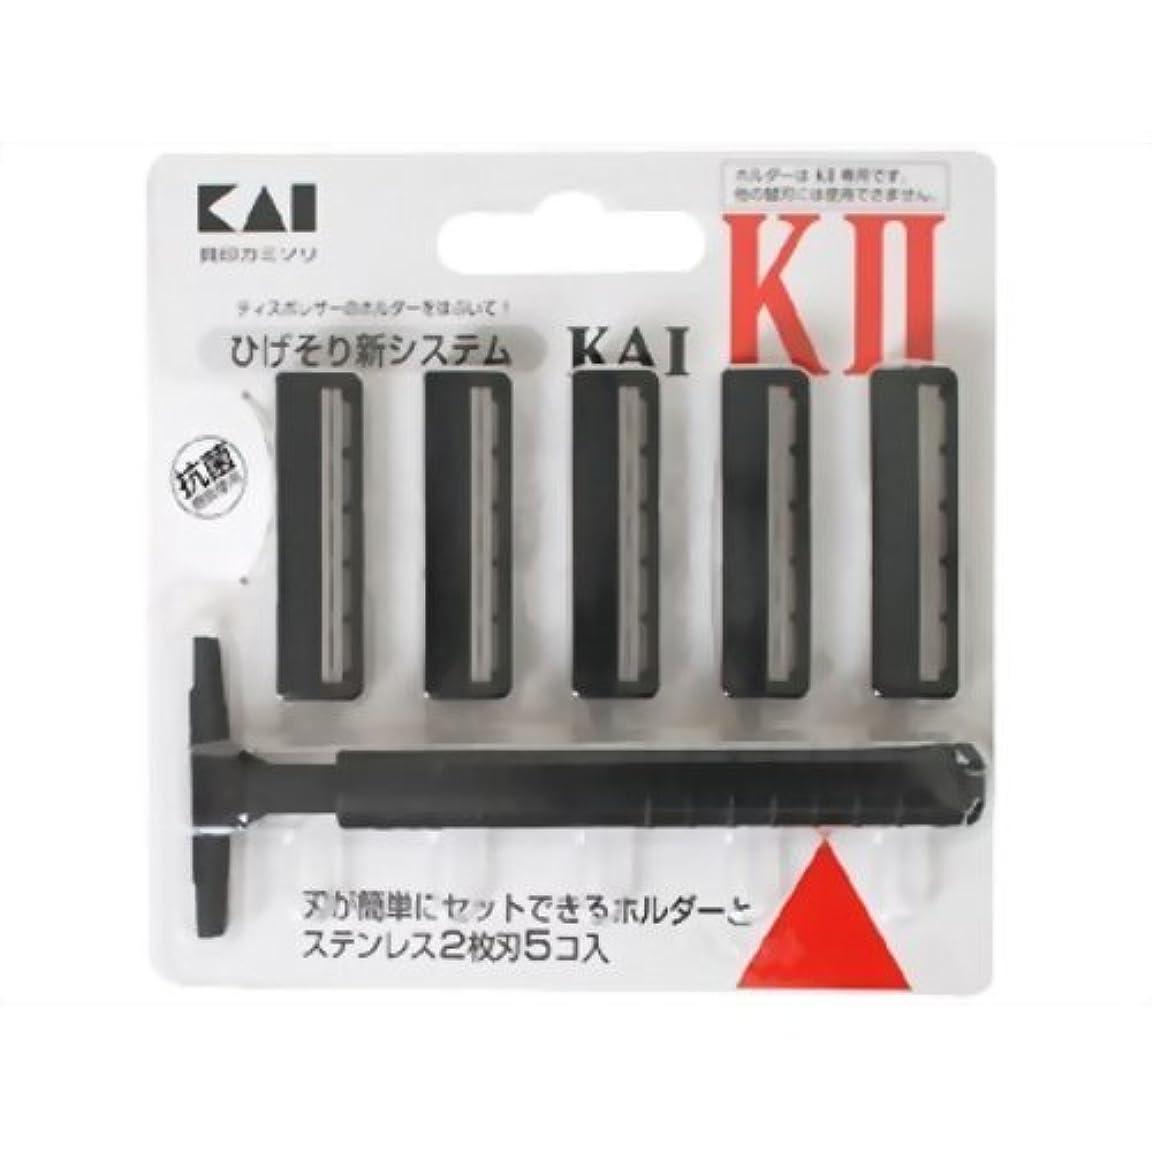 暖炉弱めるまた明日ねカミソリ KAI-K2 K2-5 ×3個セット